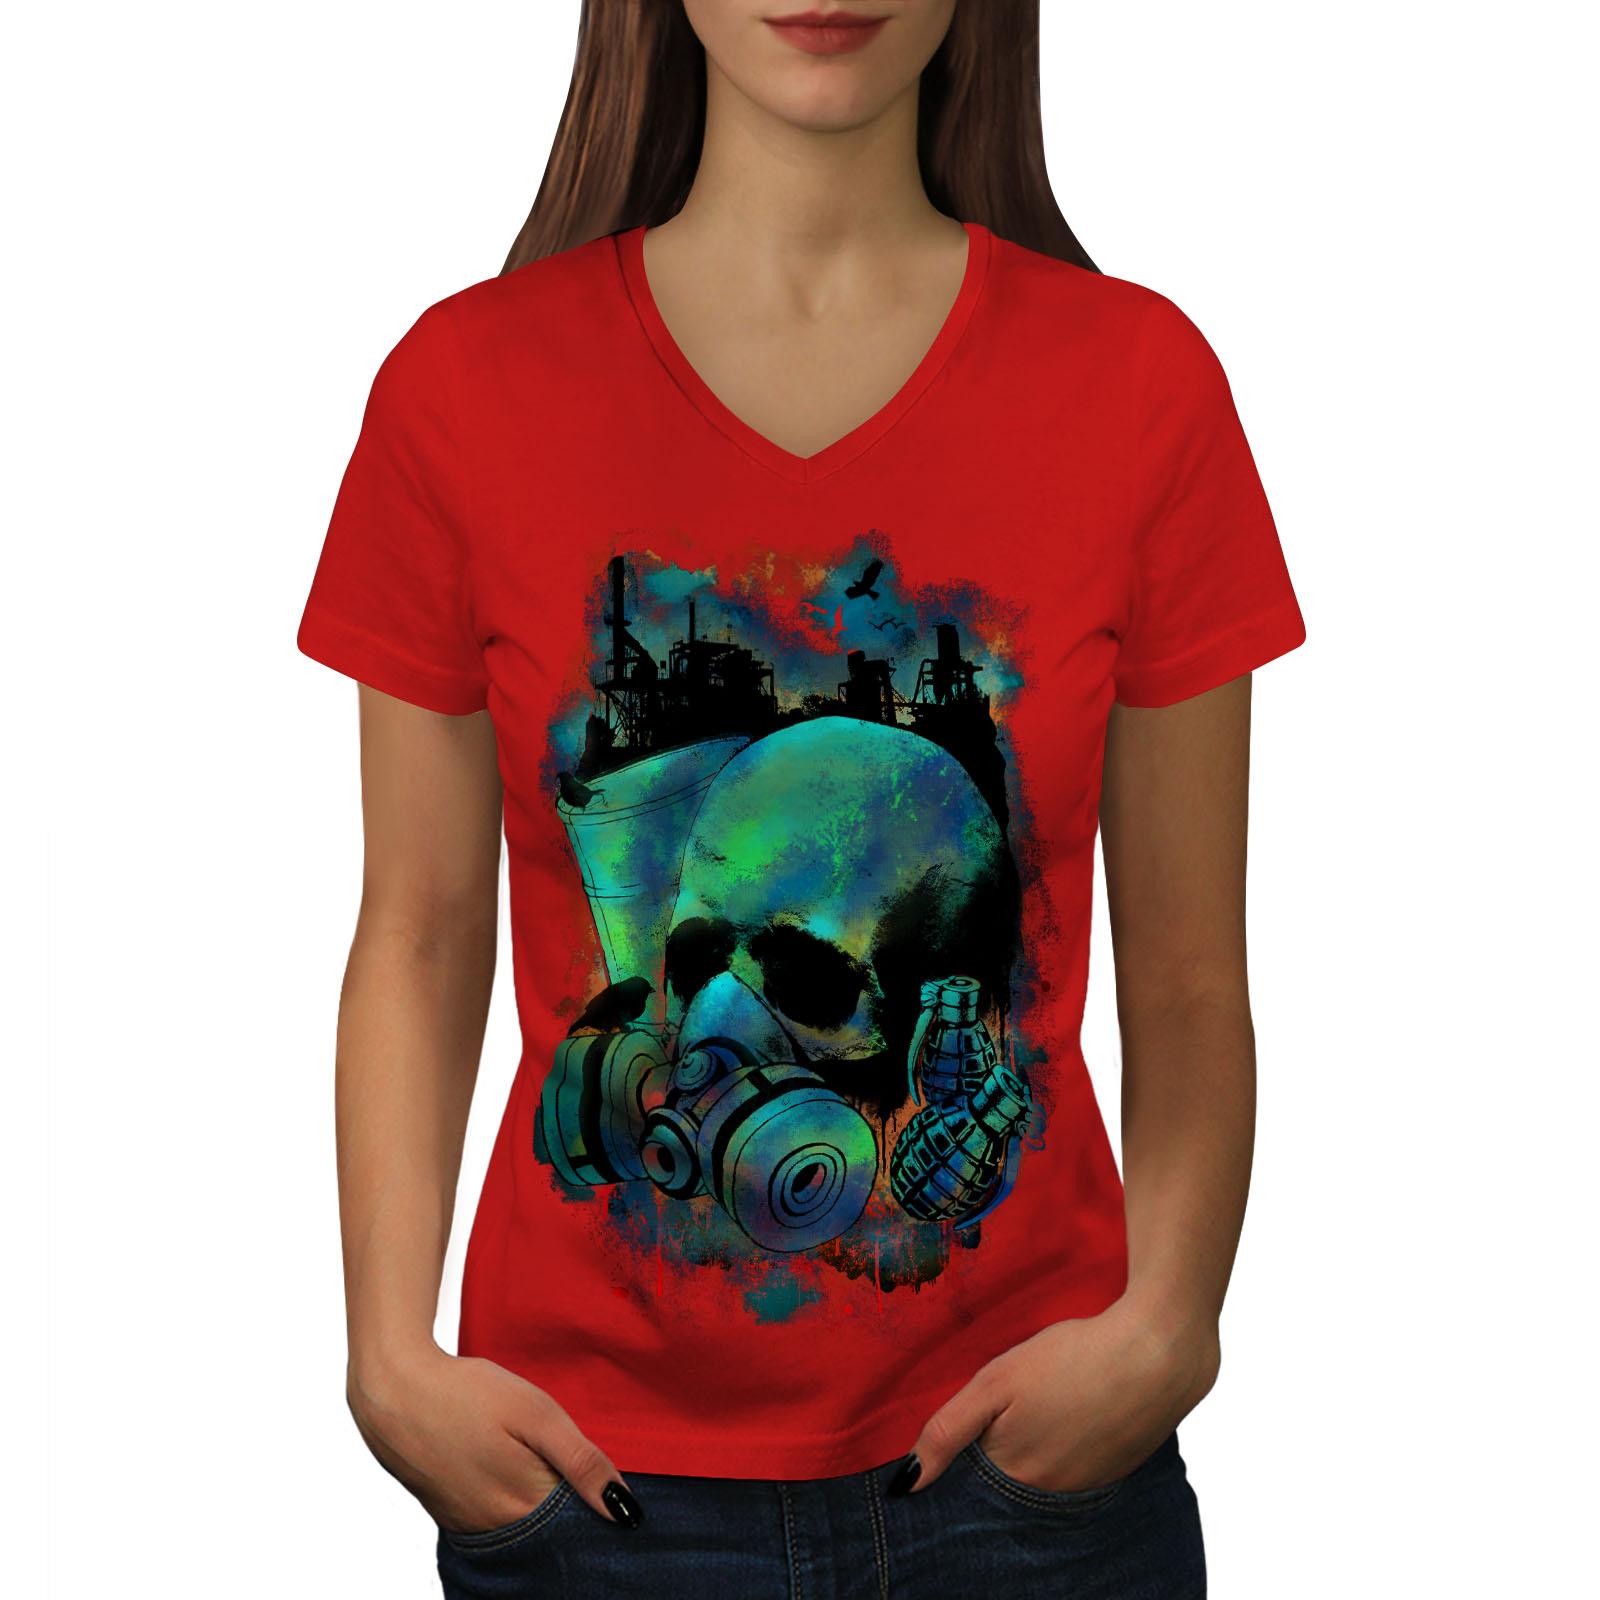 Grenade-GUERRA-GAS-Teschio-Donne-V-Neck-T-shirt-Nuove-wellcoda